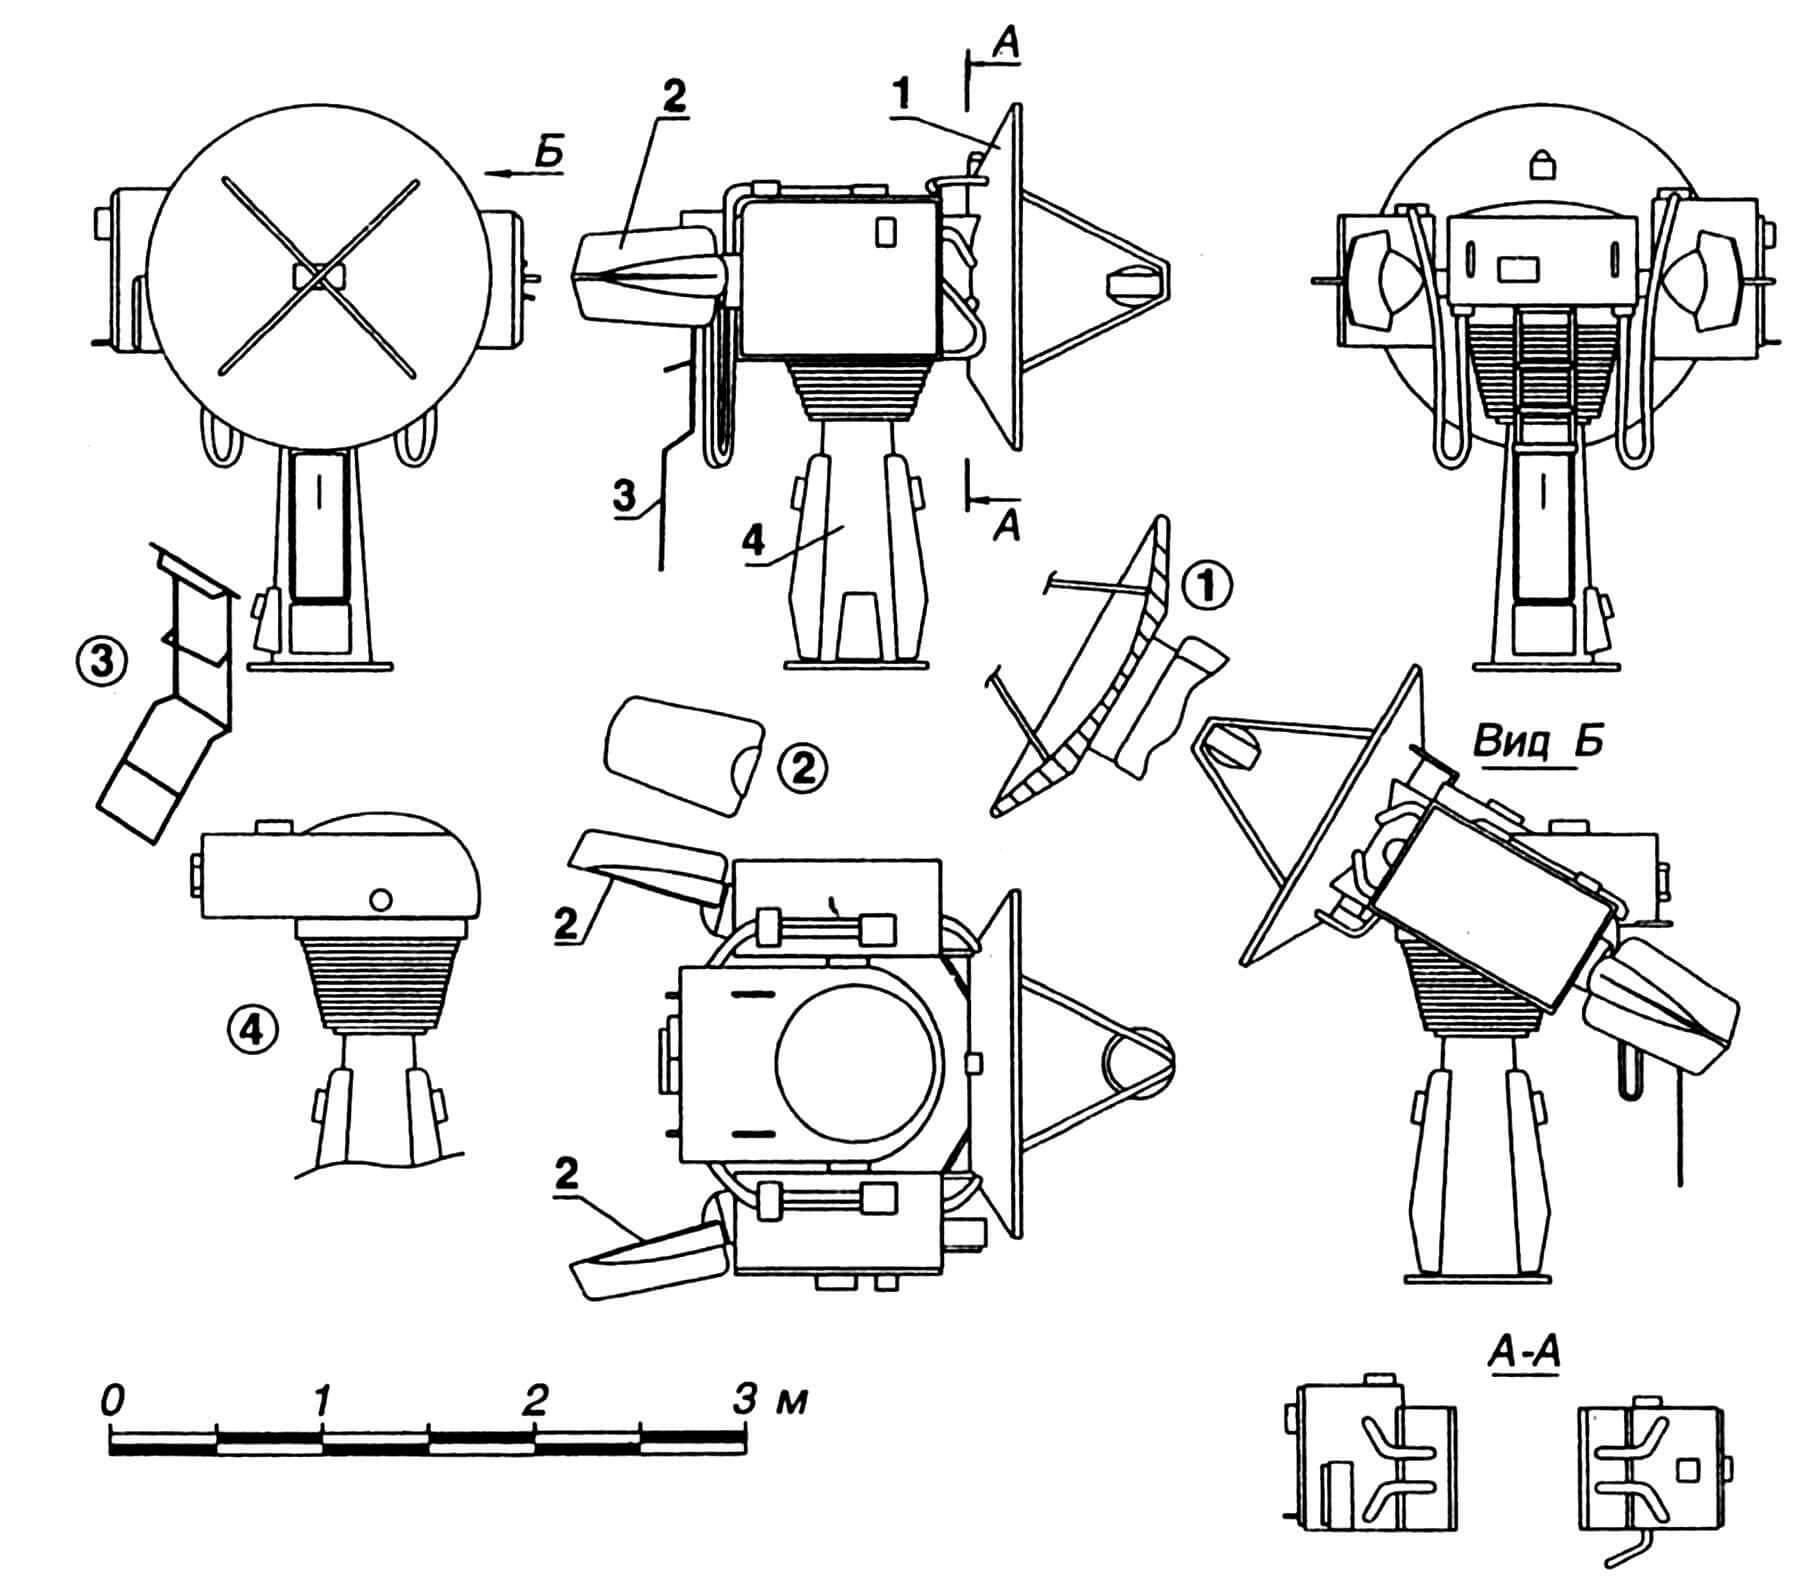 РЛС наведения артиллерийских систем: 1 — рефлектор; 2 — компенсатор аэродинамический; 3 — трап откидной; 4 — устройство опорно-поворотное. На виде Б рефлектор наклонен условно.